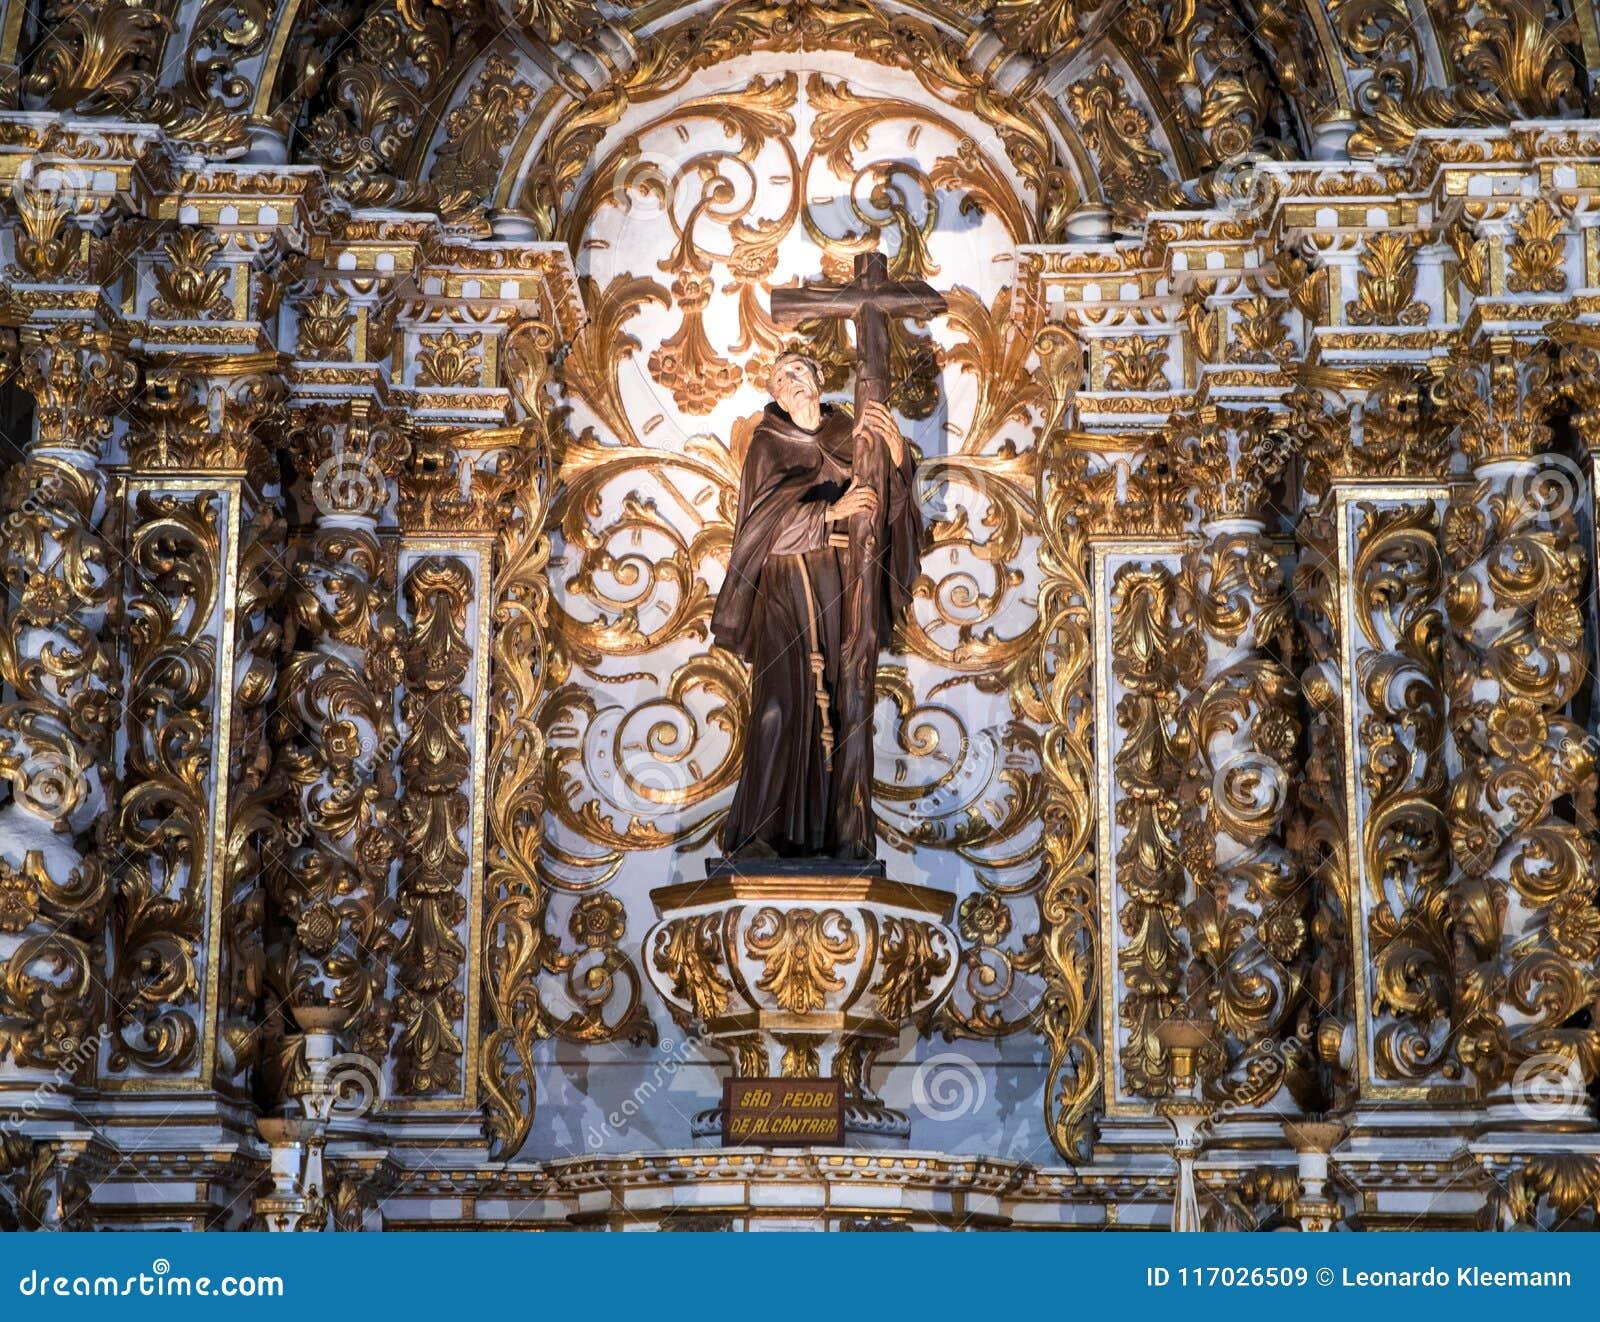 Inside Igreja e Convento de São Francisco in Bahia, Salvador - Brazil